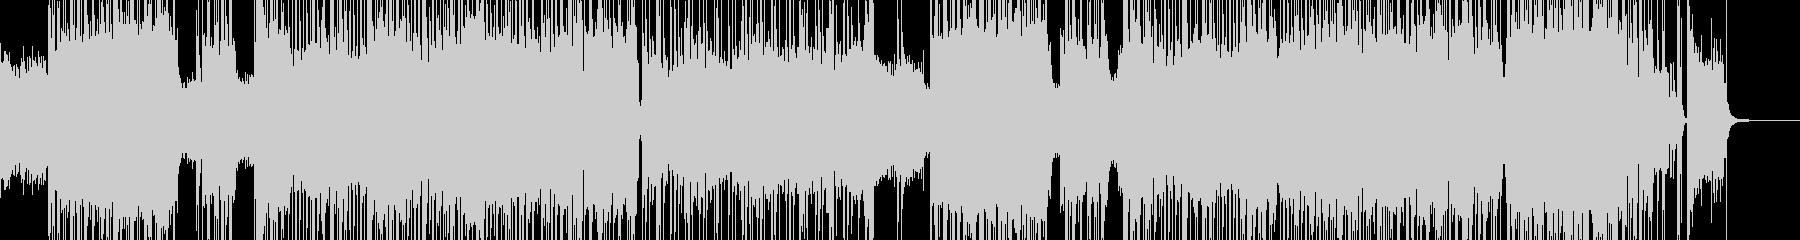 カートゥン調ロック・ゆっくり! B3+の未再生の波形